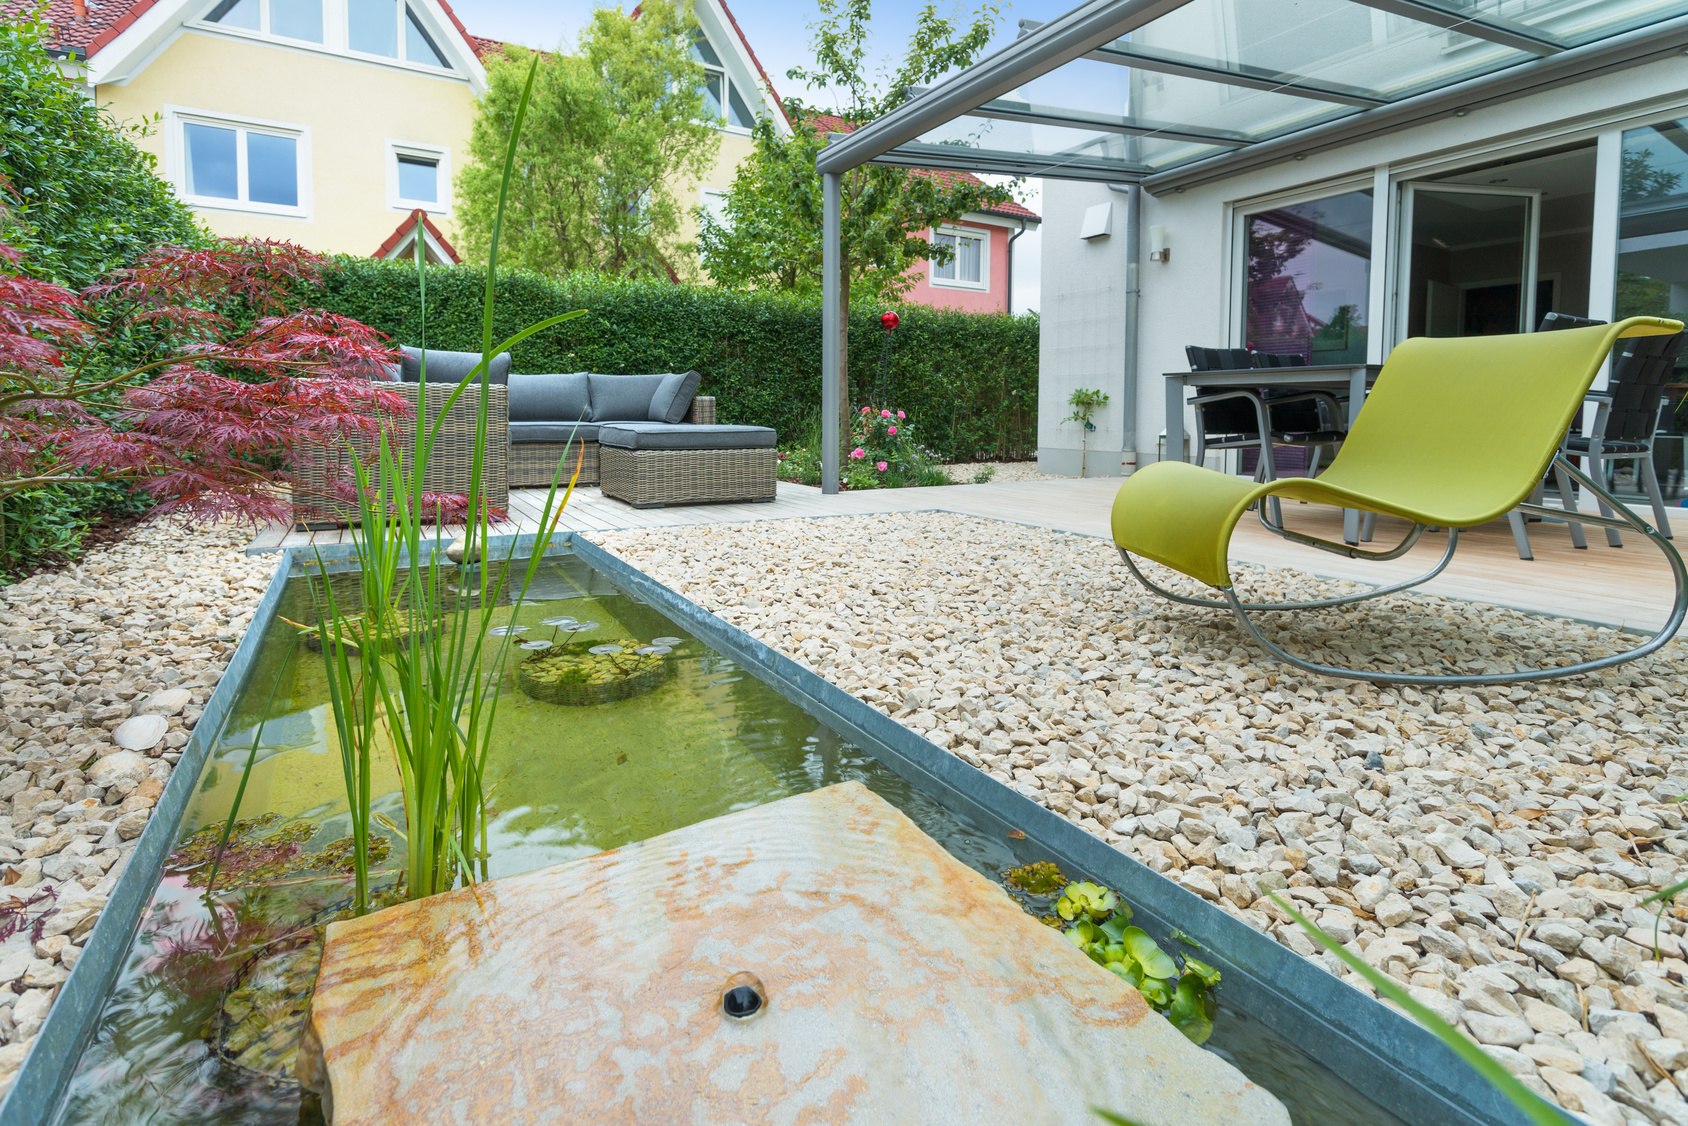 Stadt Garten mit formalen Wasserbecken, Lounge, Teakdecks